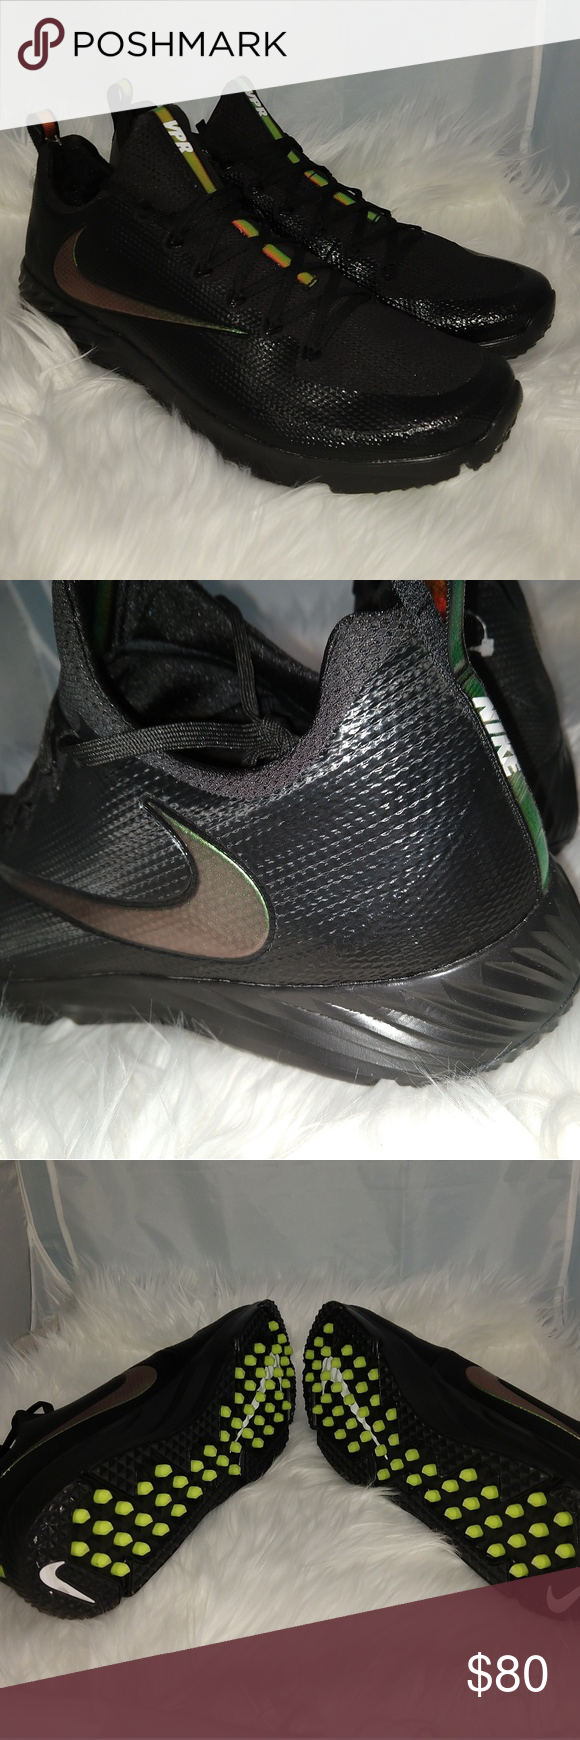 c9d369b1aa NWOT Nike Vapor Speed Turf Men's Training Shoe Nike Vapor Speed Turf Men's  Training Shoe Size